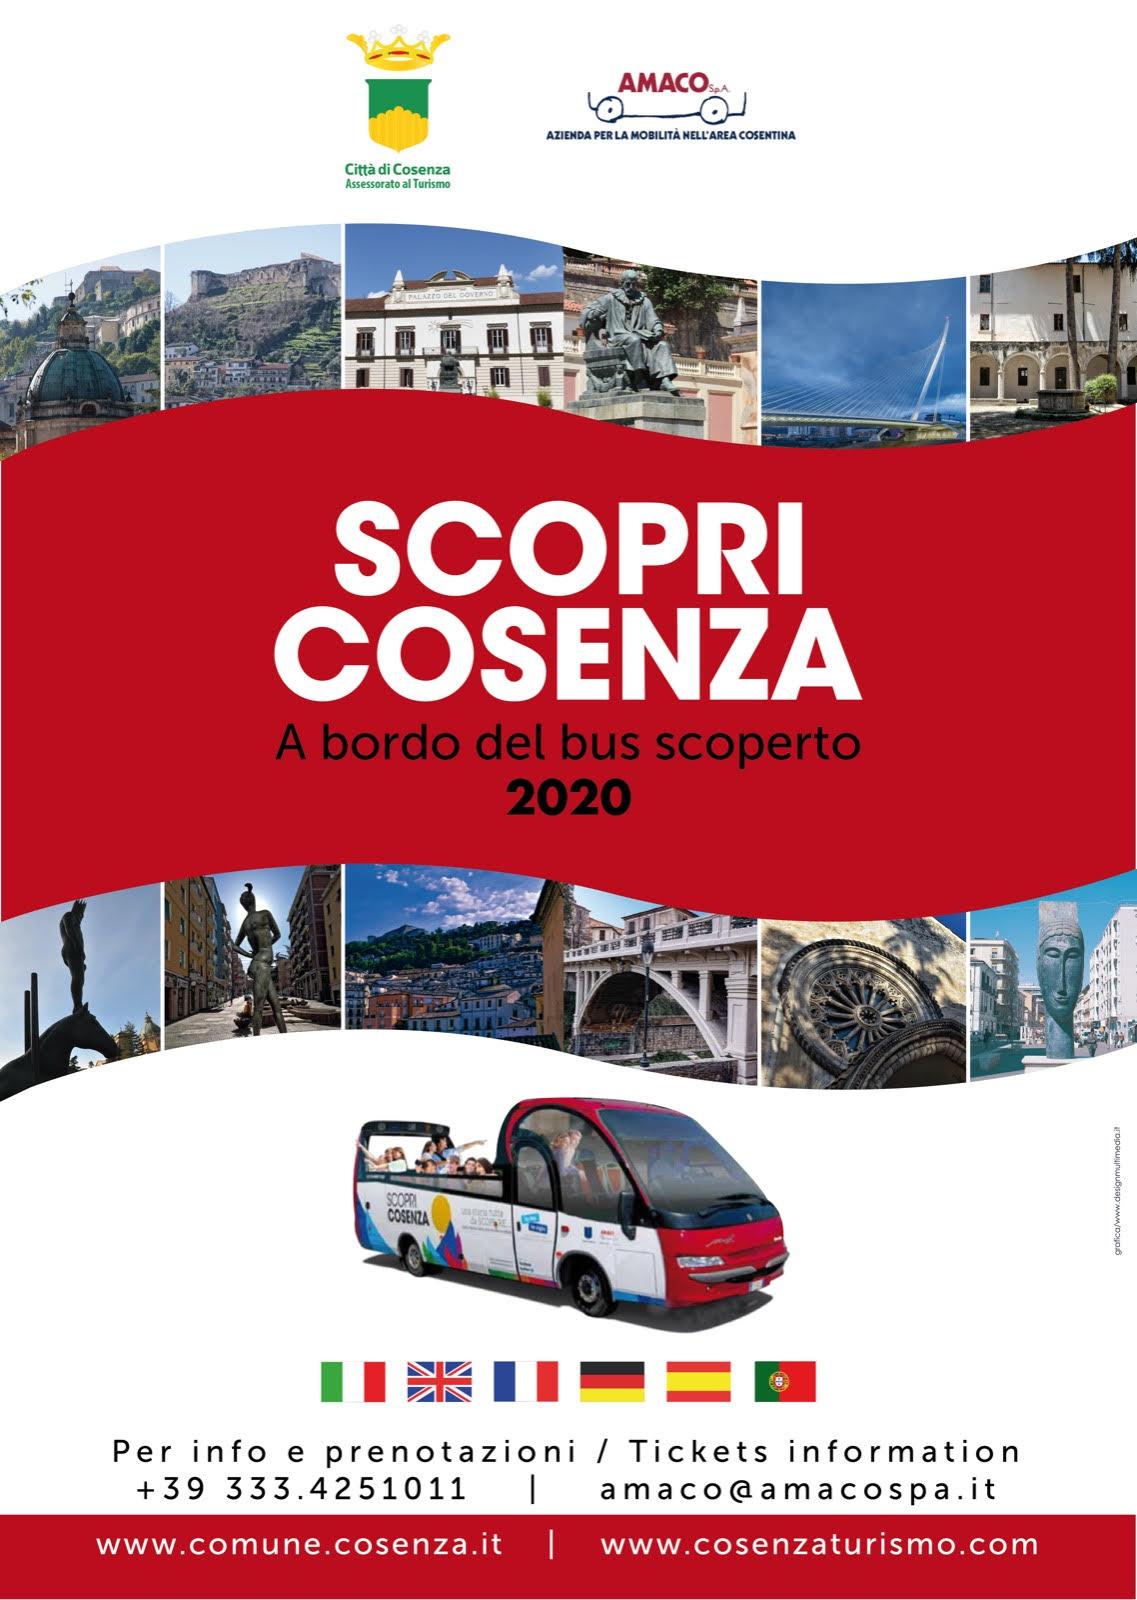 la locandina del servizio turistico Scopri Cosenza